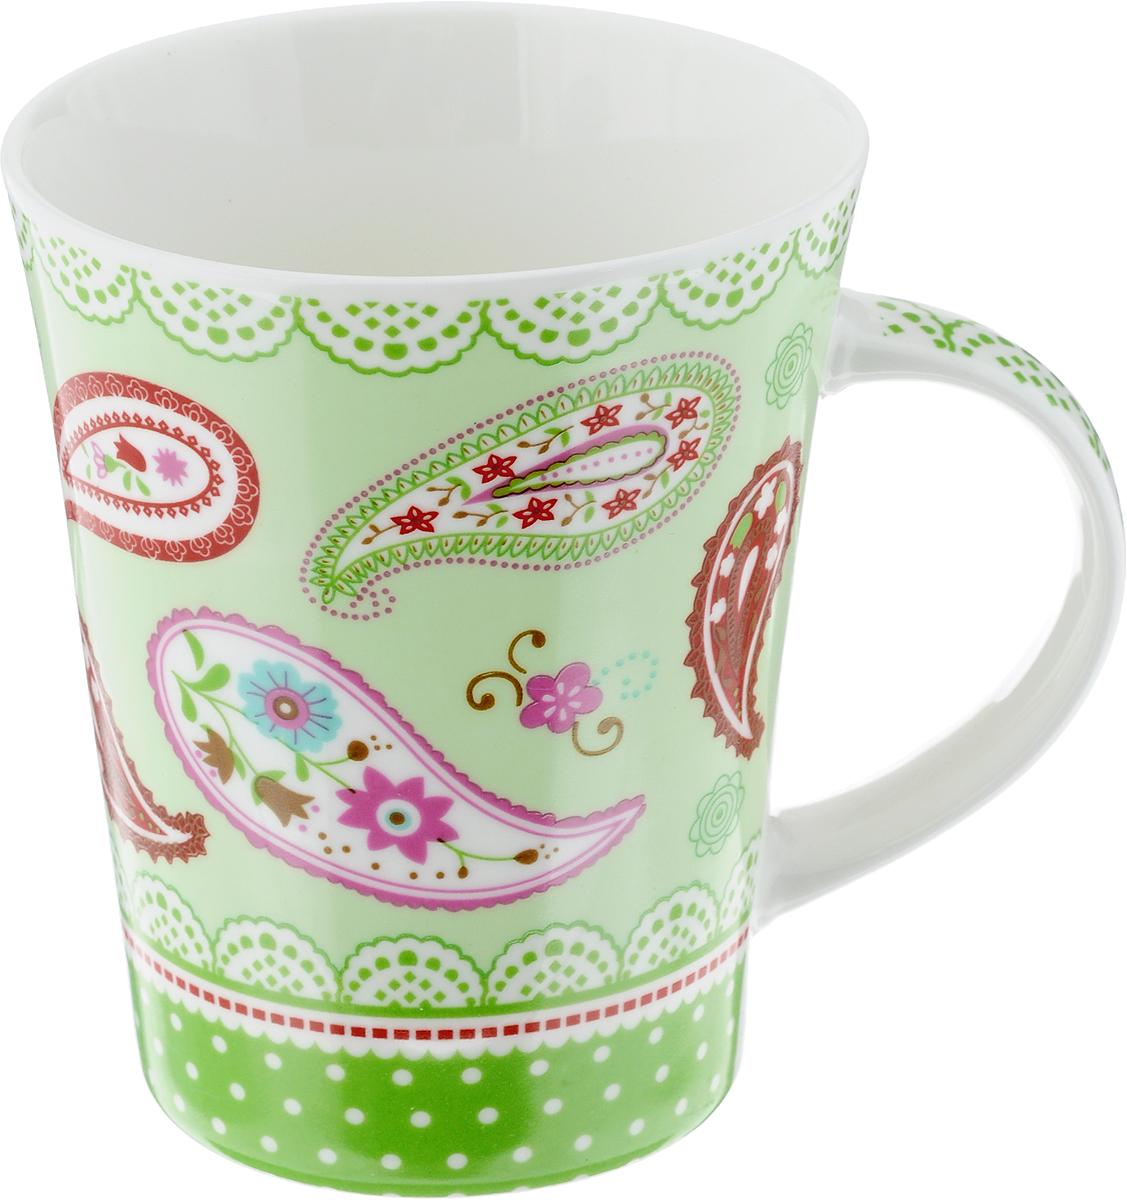 Кружка Loraine, цвет: салатовый, красный, 400 мл. 2211654 009312Кружка Loraine изготовлена из высококачественного фарфора. Изделие оформлено ярким рисунком. Благодаря своим термостатическим свойствам, изделие отлично сохраняет температуру содержимого - морозной зимой кружка будет согревать вас горячим чаем, а знойным летом, напротив, радовать прохладными напитками. Такой аксессуар создаст атмосферу тепла и уюта, настроит на позитивный лад и подарит хорошее настроение с самого утра. Это оригинальное изделие идеально подойдет в подарок близкому человеку. Диаметр (по верхнему краю): 9 см.Высота кружки: 11 см. Объем: 400 мл.